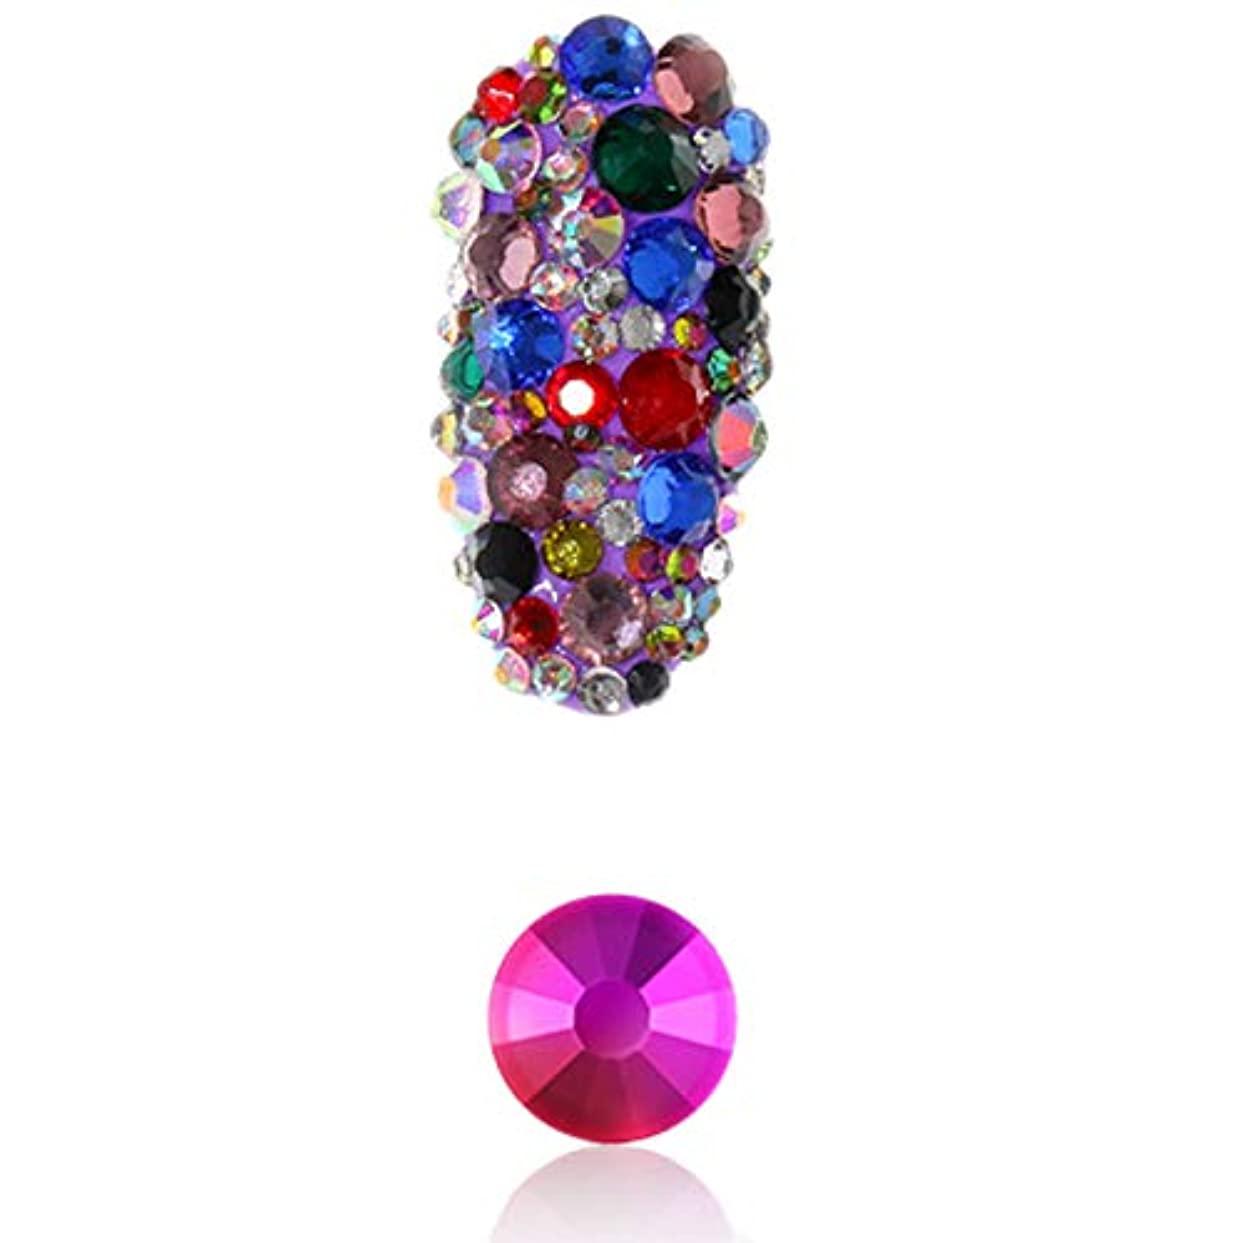 無駄コンパニオン野心的TOOGOO 1パックフラットバックガラスネイルラインストーン混合サイズSs4-Ss16ネイルアート装飾石シャイニー宝石マニキュアアクセサリー6#混色